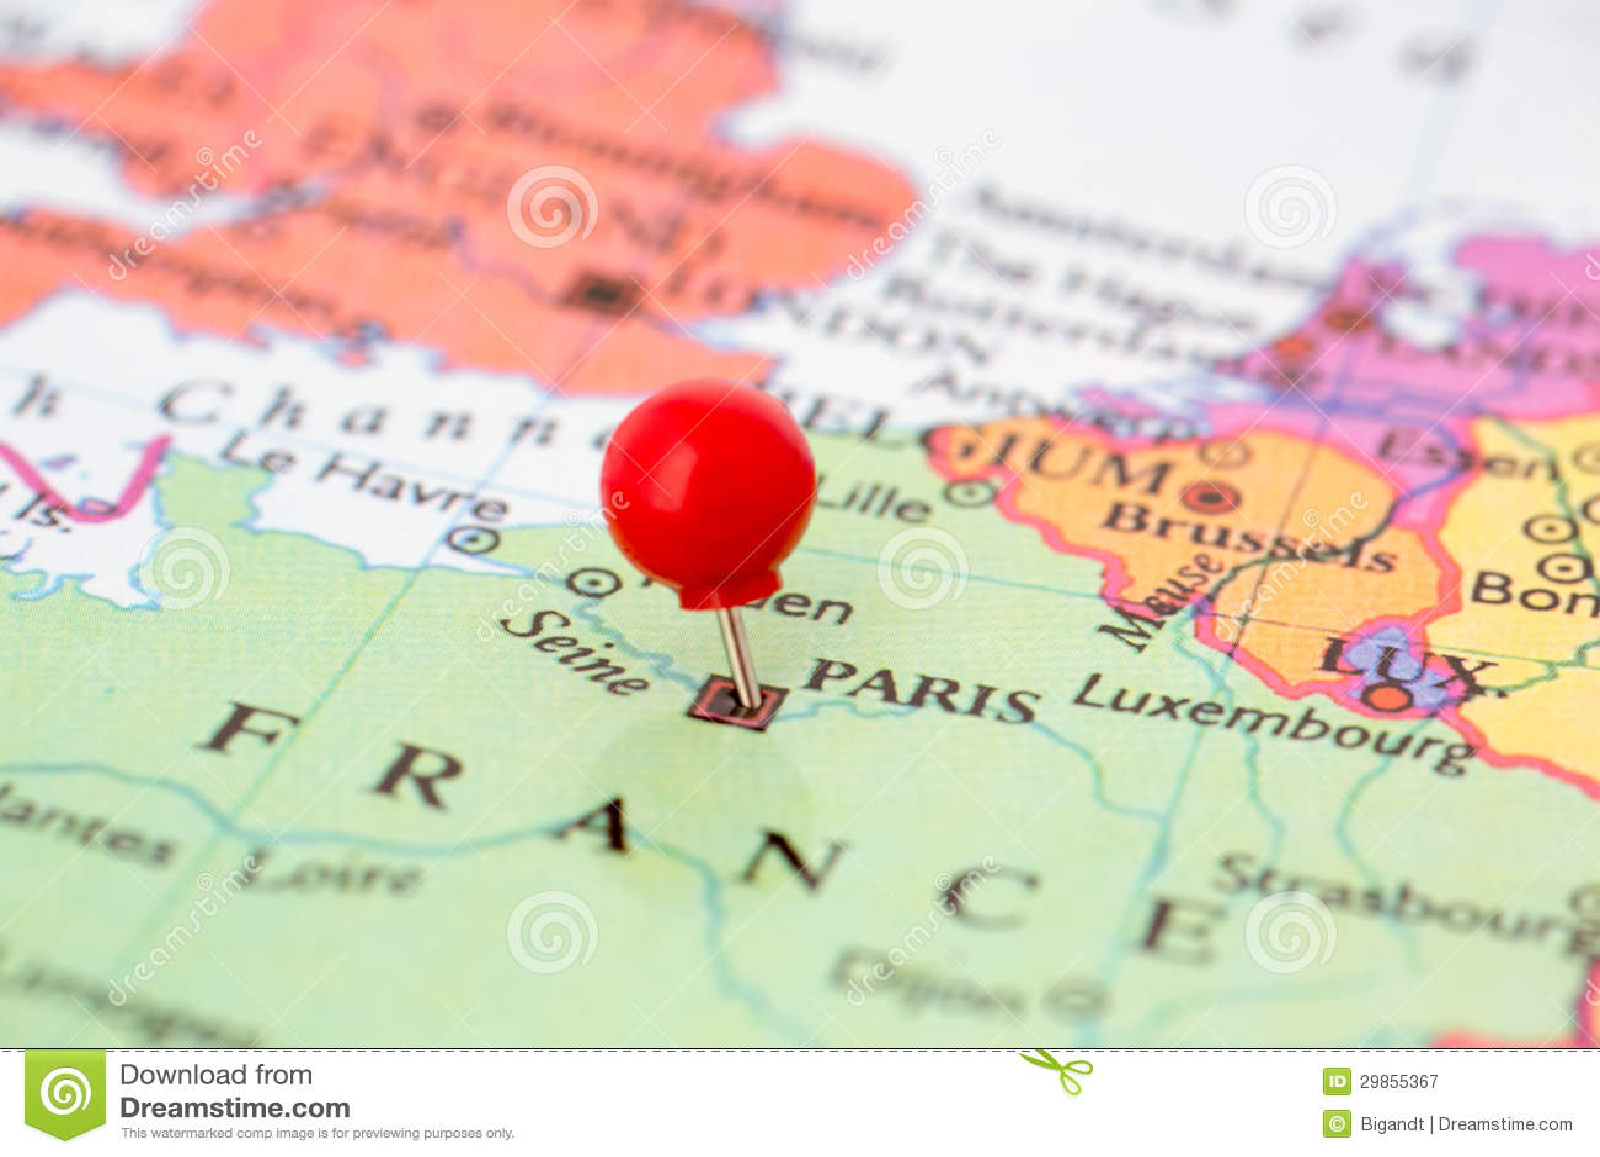 Pasador Ubicación Mapa Gráficos Vectoriales Gratis En: Pasador Rojo En El Mapa De Francia Fotografía De Archivo